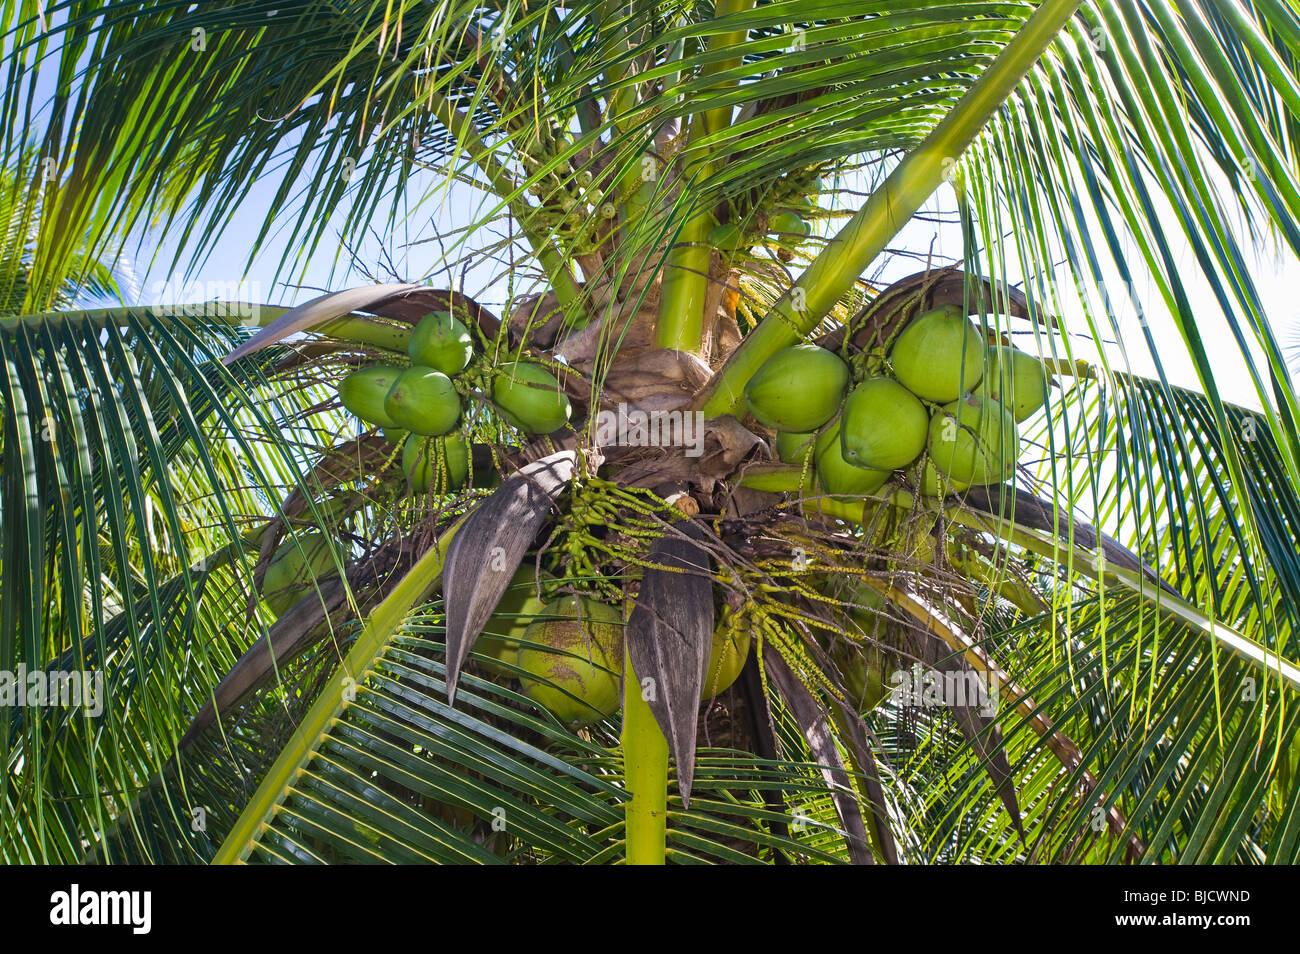 Palm Kokosnuss Coco Coconutpalm Mutter Reife Frucht Baum tropische Pflanze Obst essen hohe Hight Hoheit ernten Ernte Stockbild